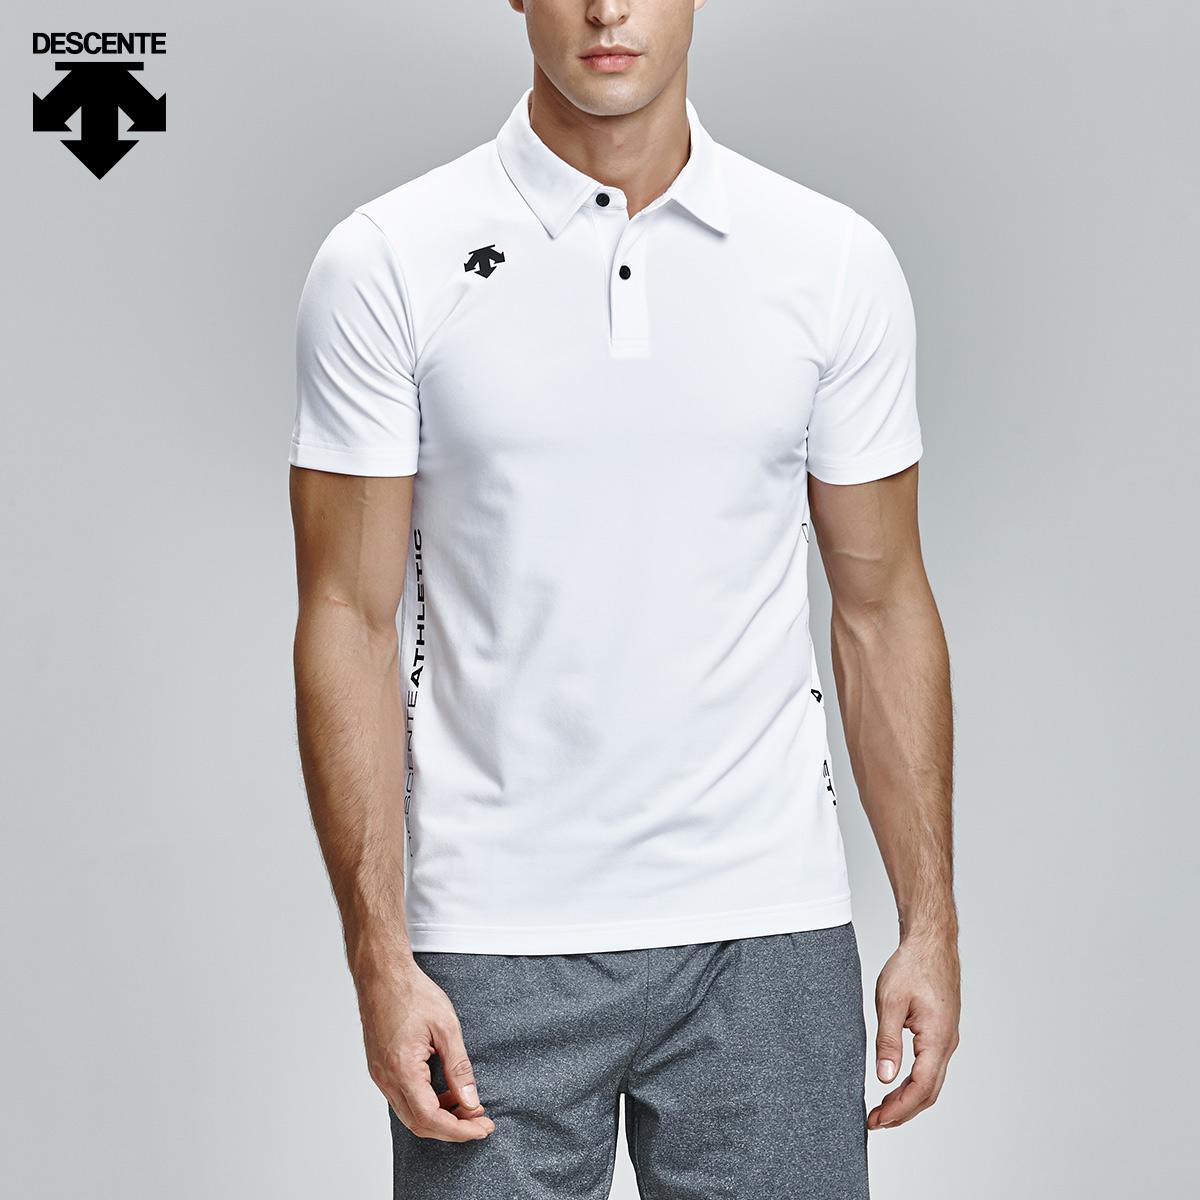 DESCENTE следовать шелковица специальный человек короткий рукав POLO рубашка тонкий сопротивление долго анти деформировать T футболки D7231IPS53